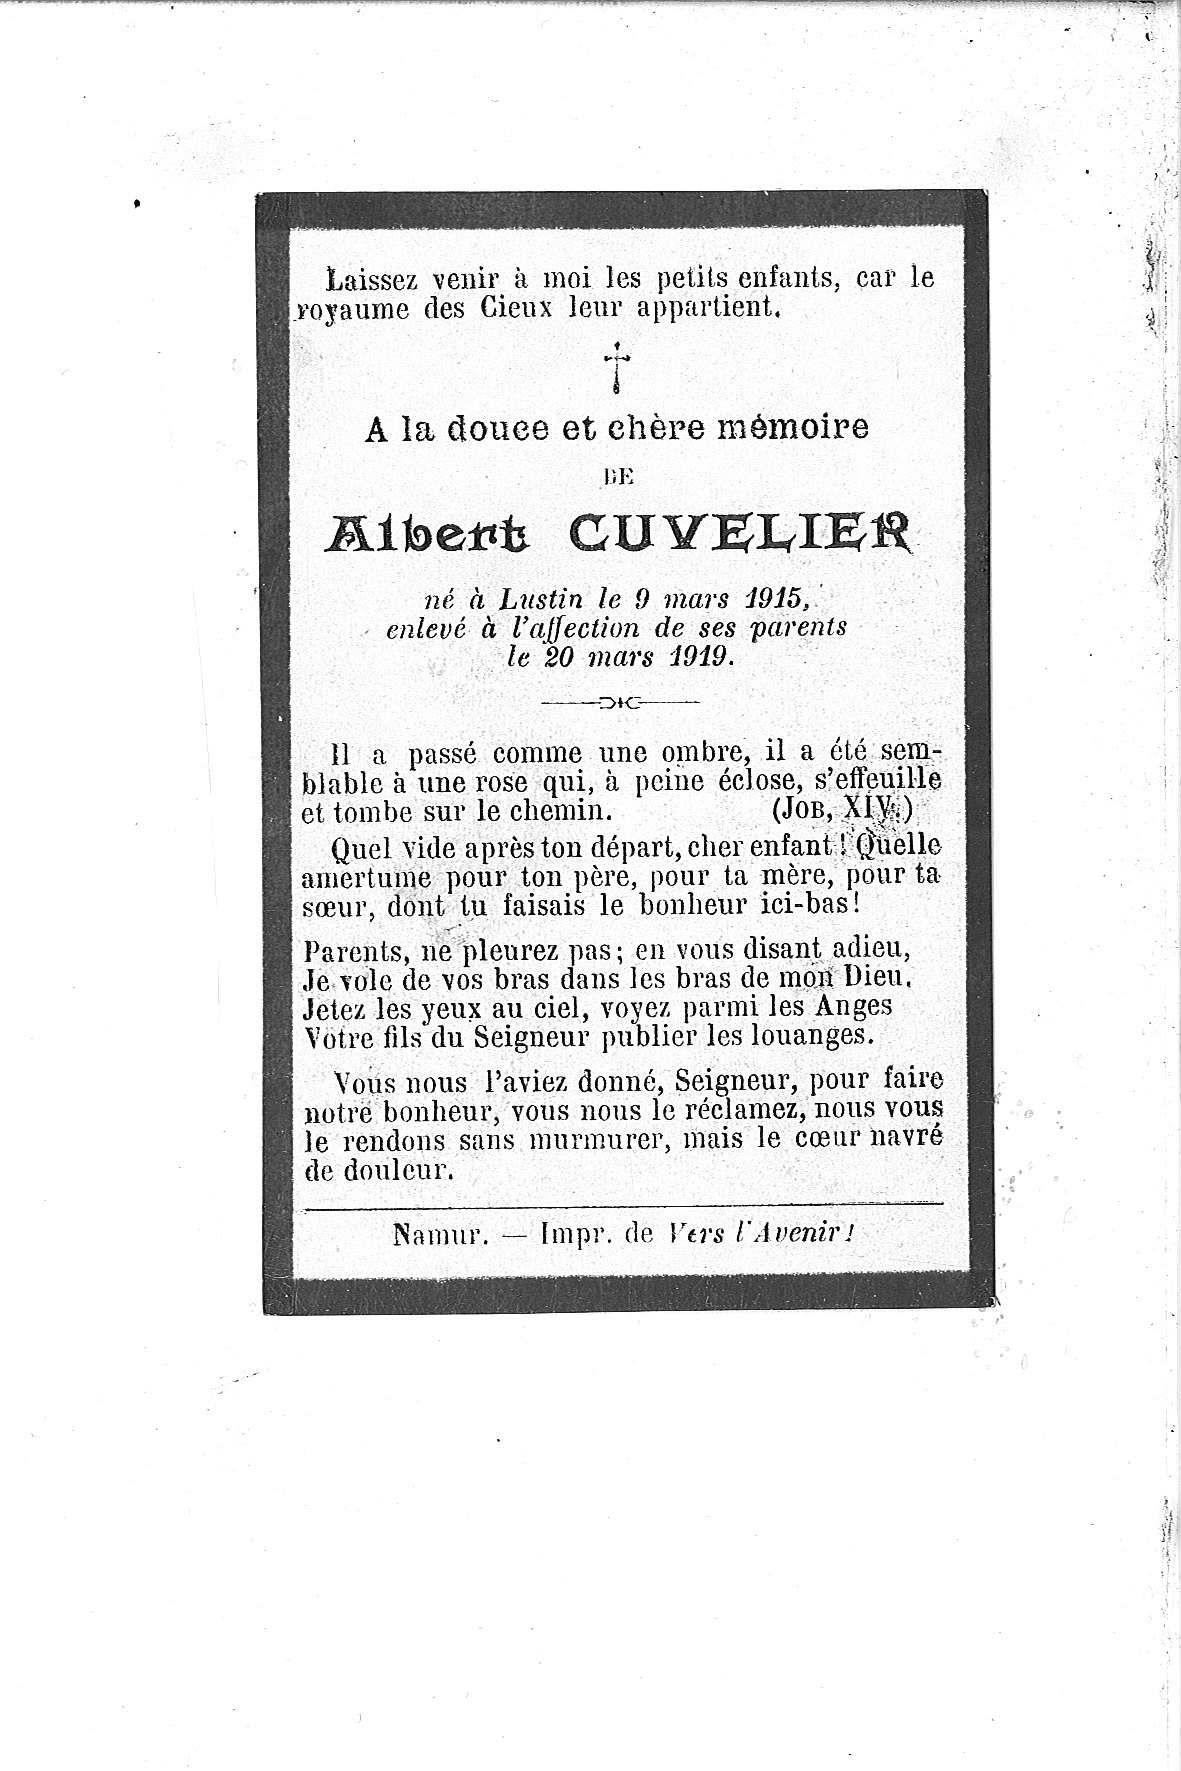 Albert (1919) 20120117161928_00175.jpg